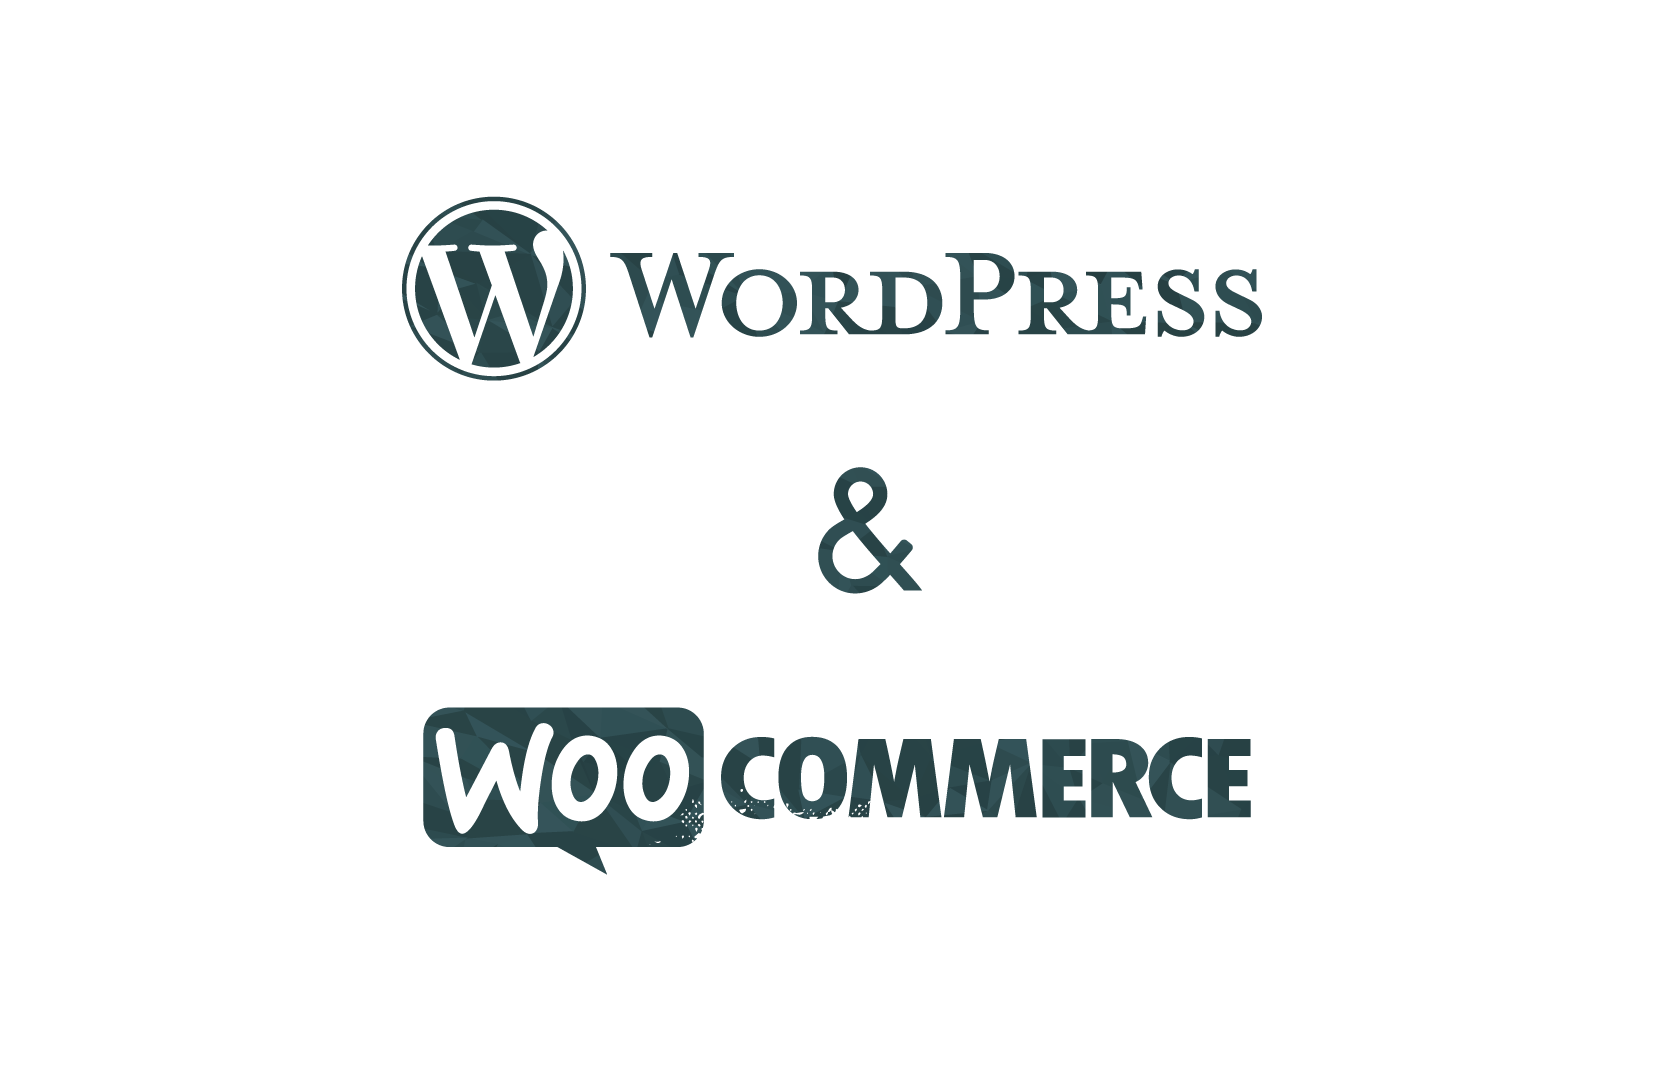 WordPress ja WooCommerce ovat hyvä tiimi